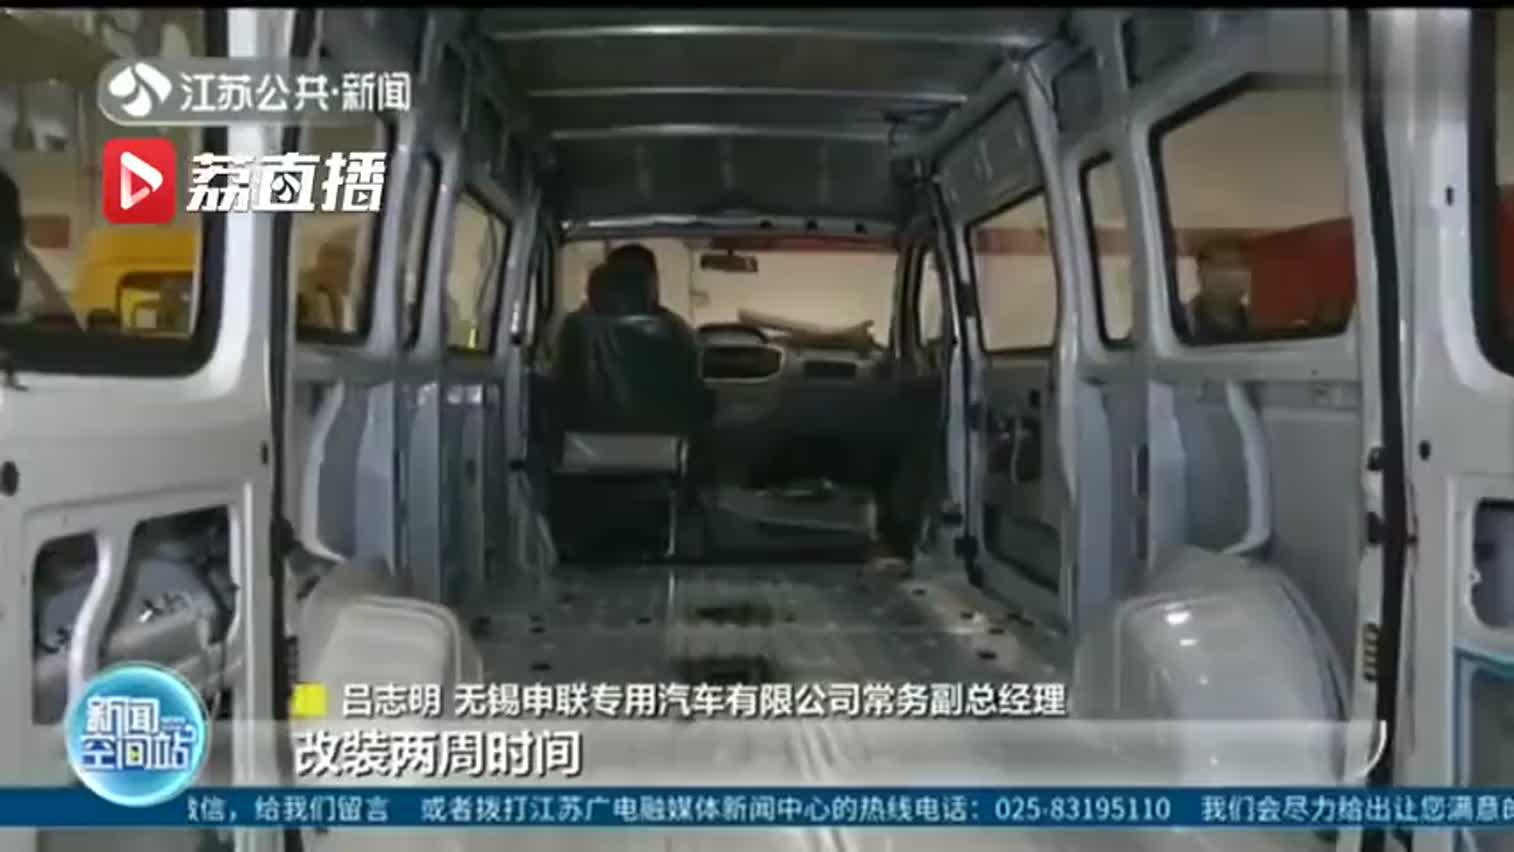 无锡一公司紧急生产60台负压救护车 可消毒患者呼出的空气